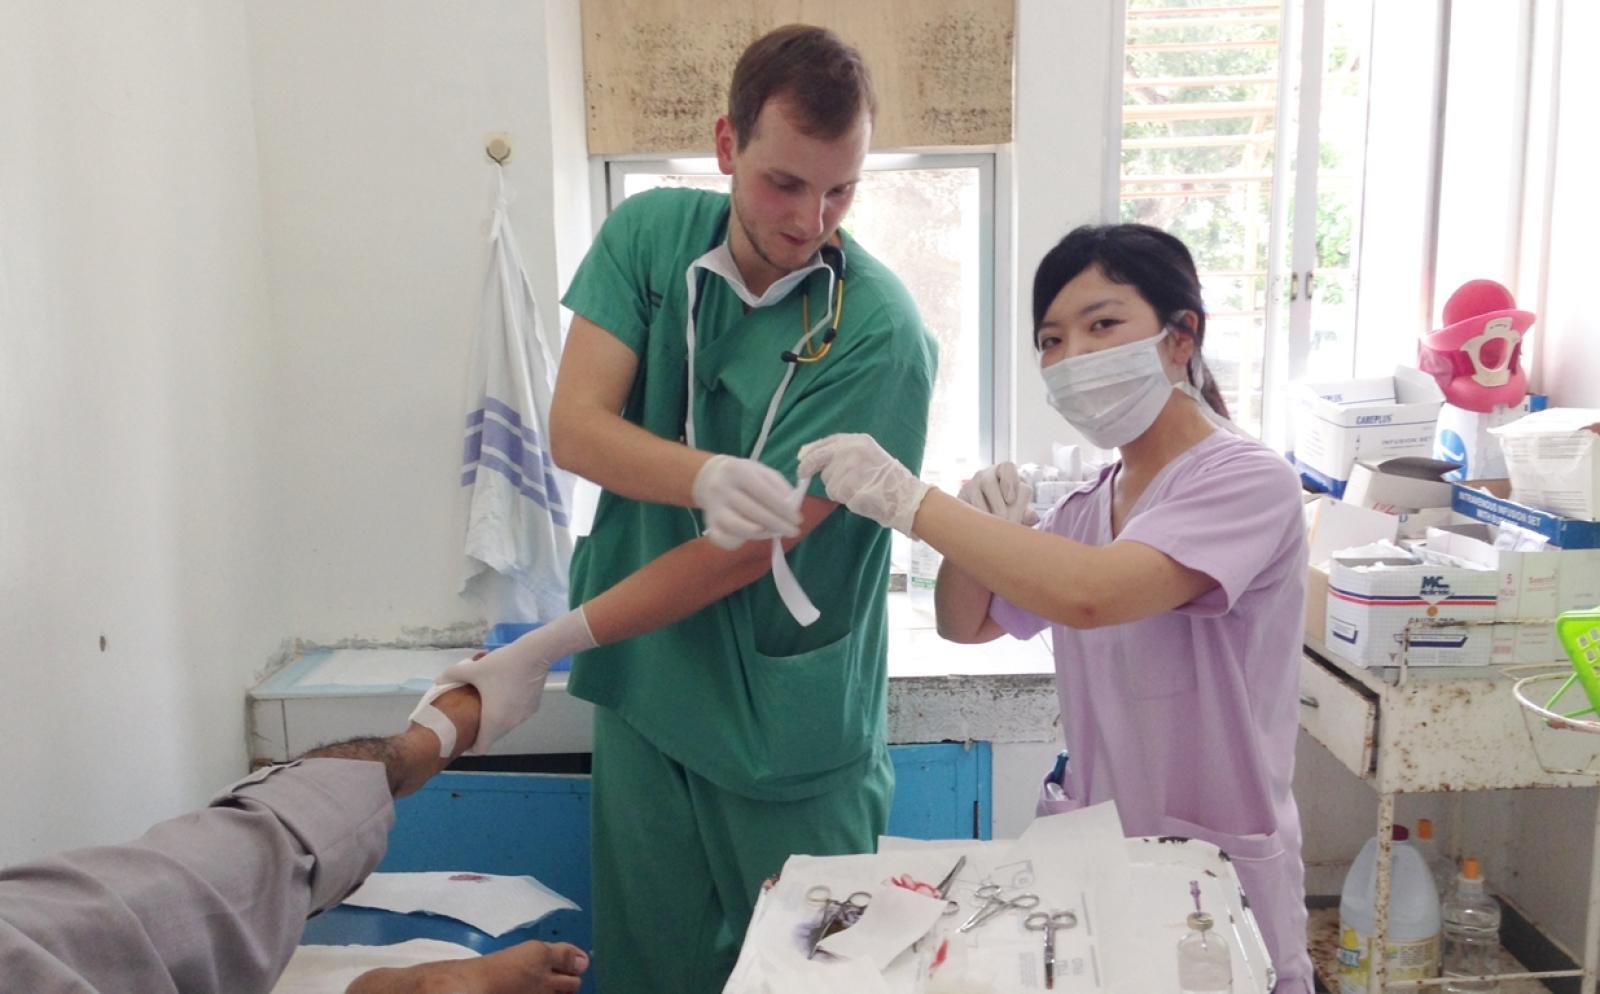 フィリピンで医療インターン中の日本人参加者